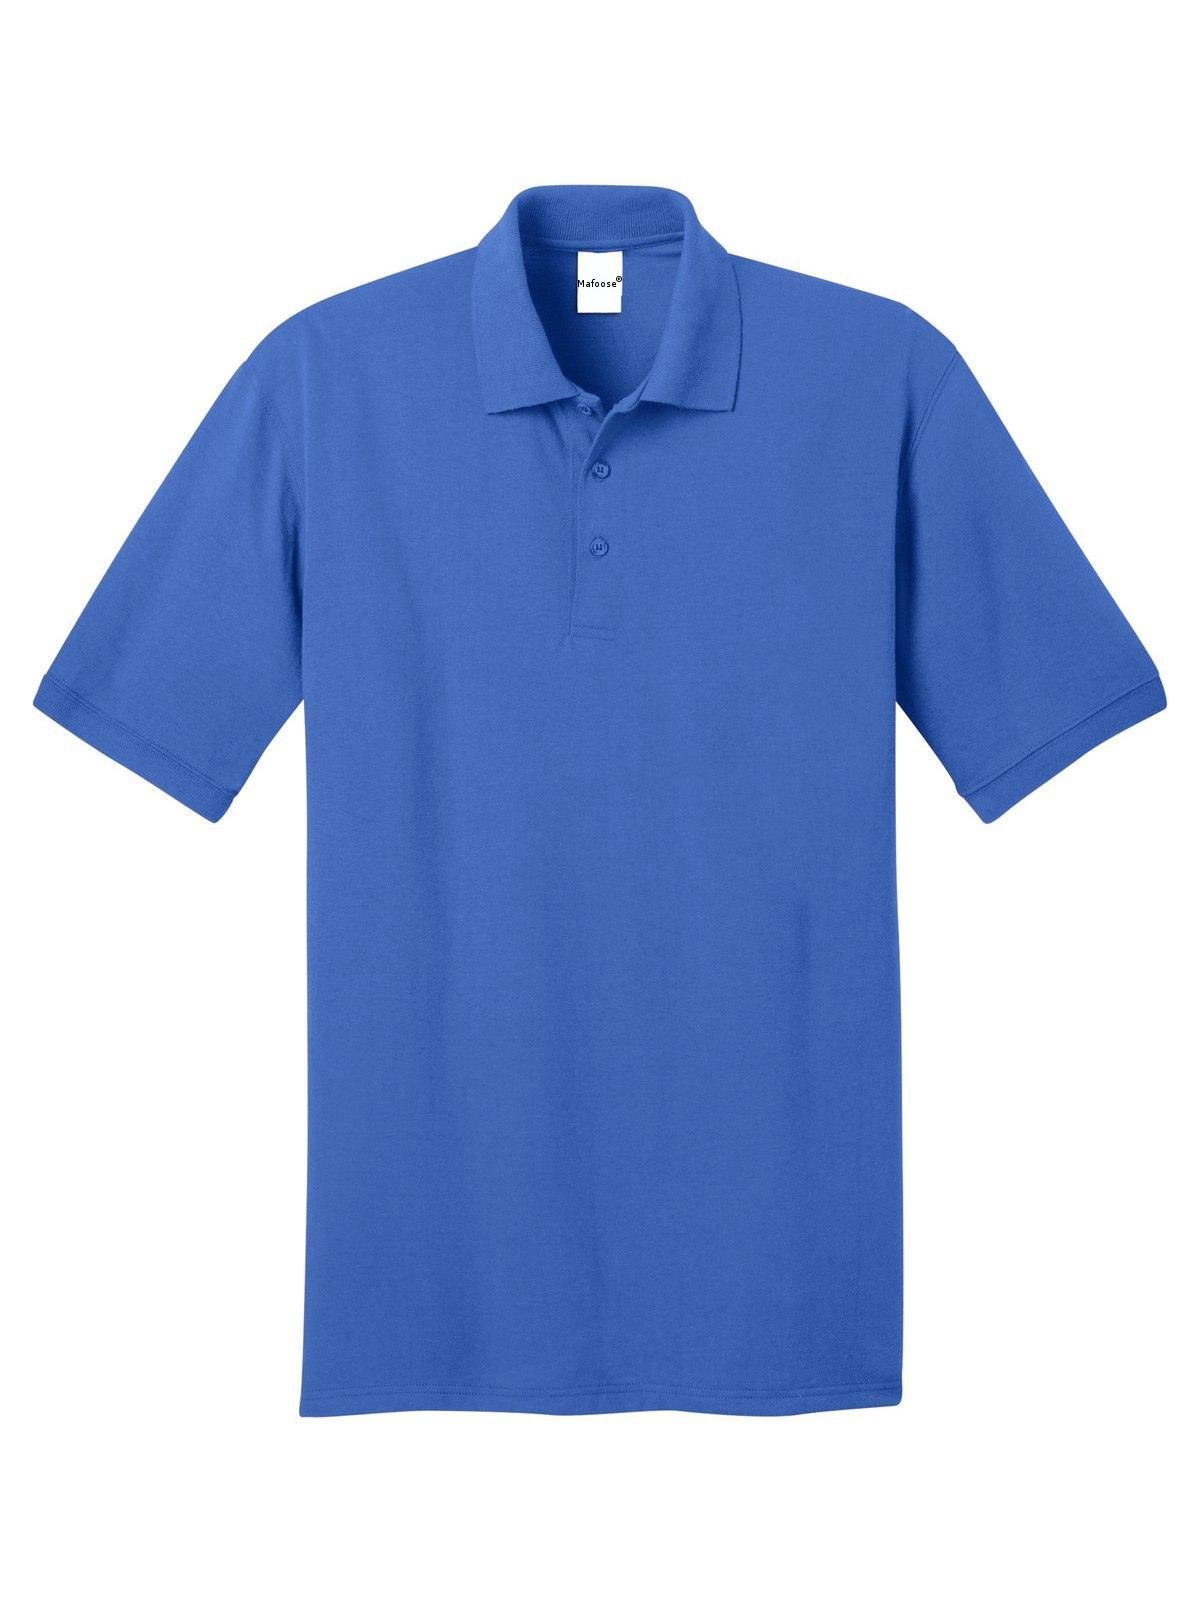 Mafoose Mens Core Blend Jersey Knit Pocket Polo Shirt Ash Xl